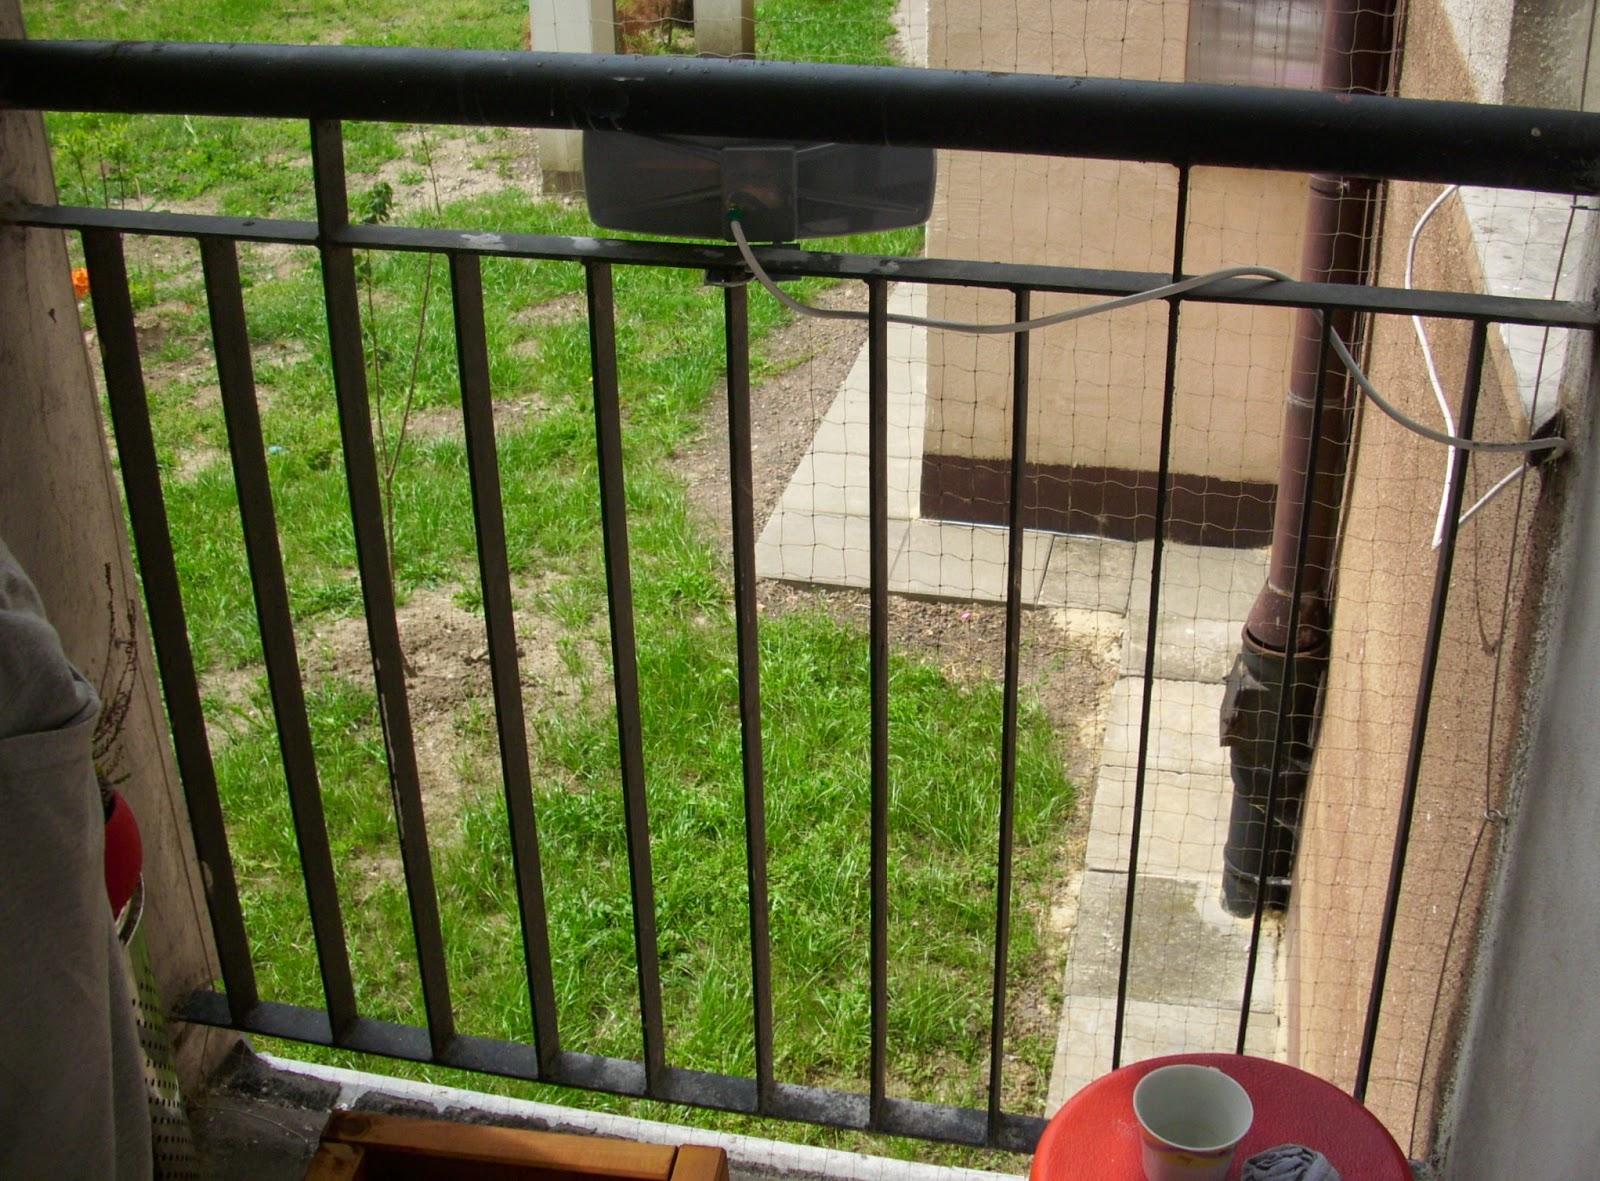 Testuje opiniuje produkty warte uwagi balkon tanie urz dzanie w stylu cypryjskim tunezyjskim - Balkon bescherming leroy merlin ...